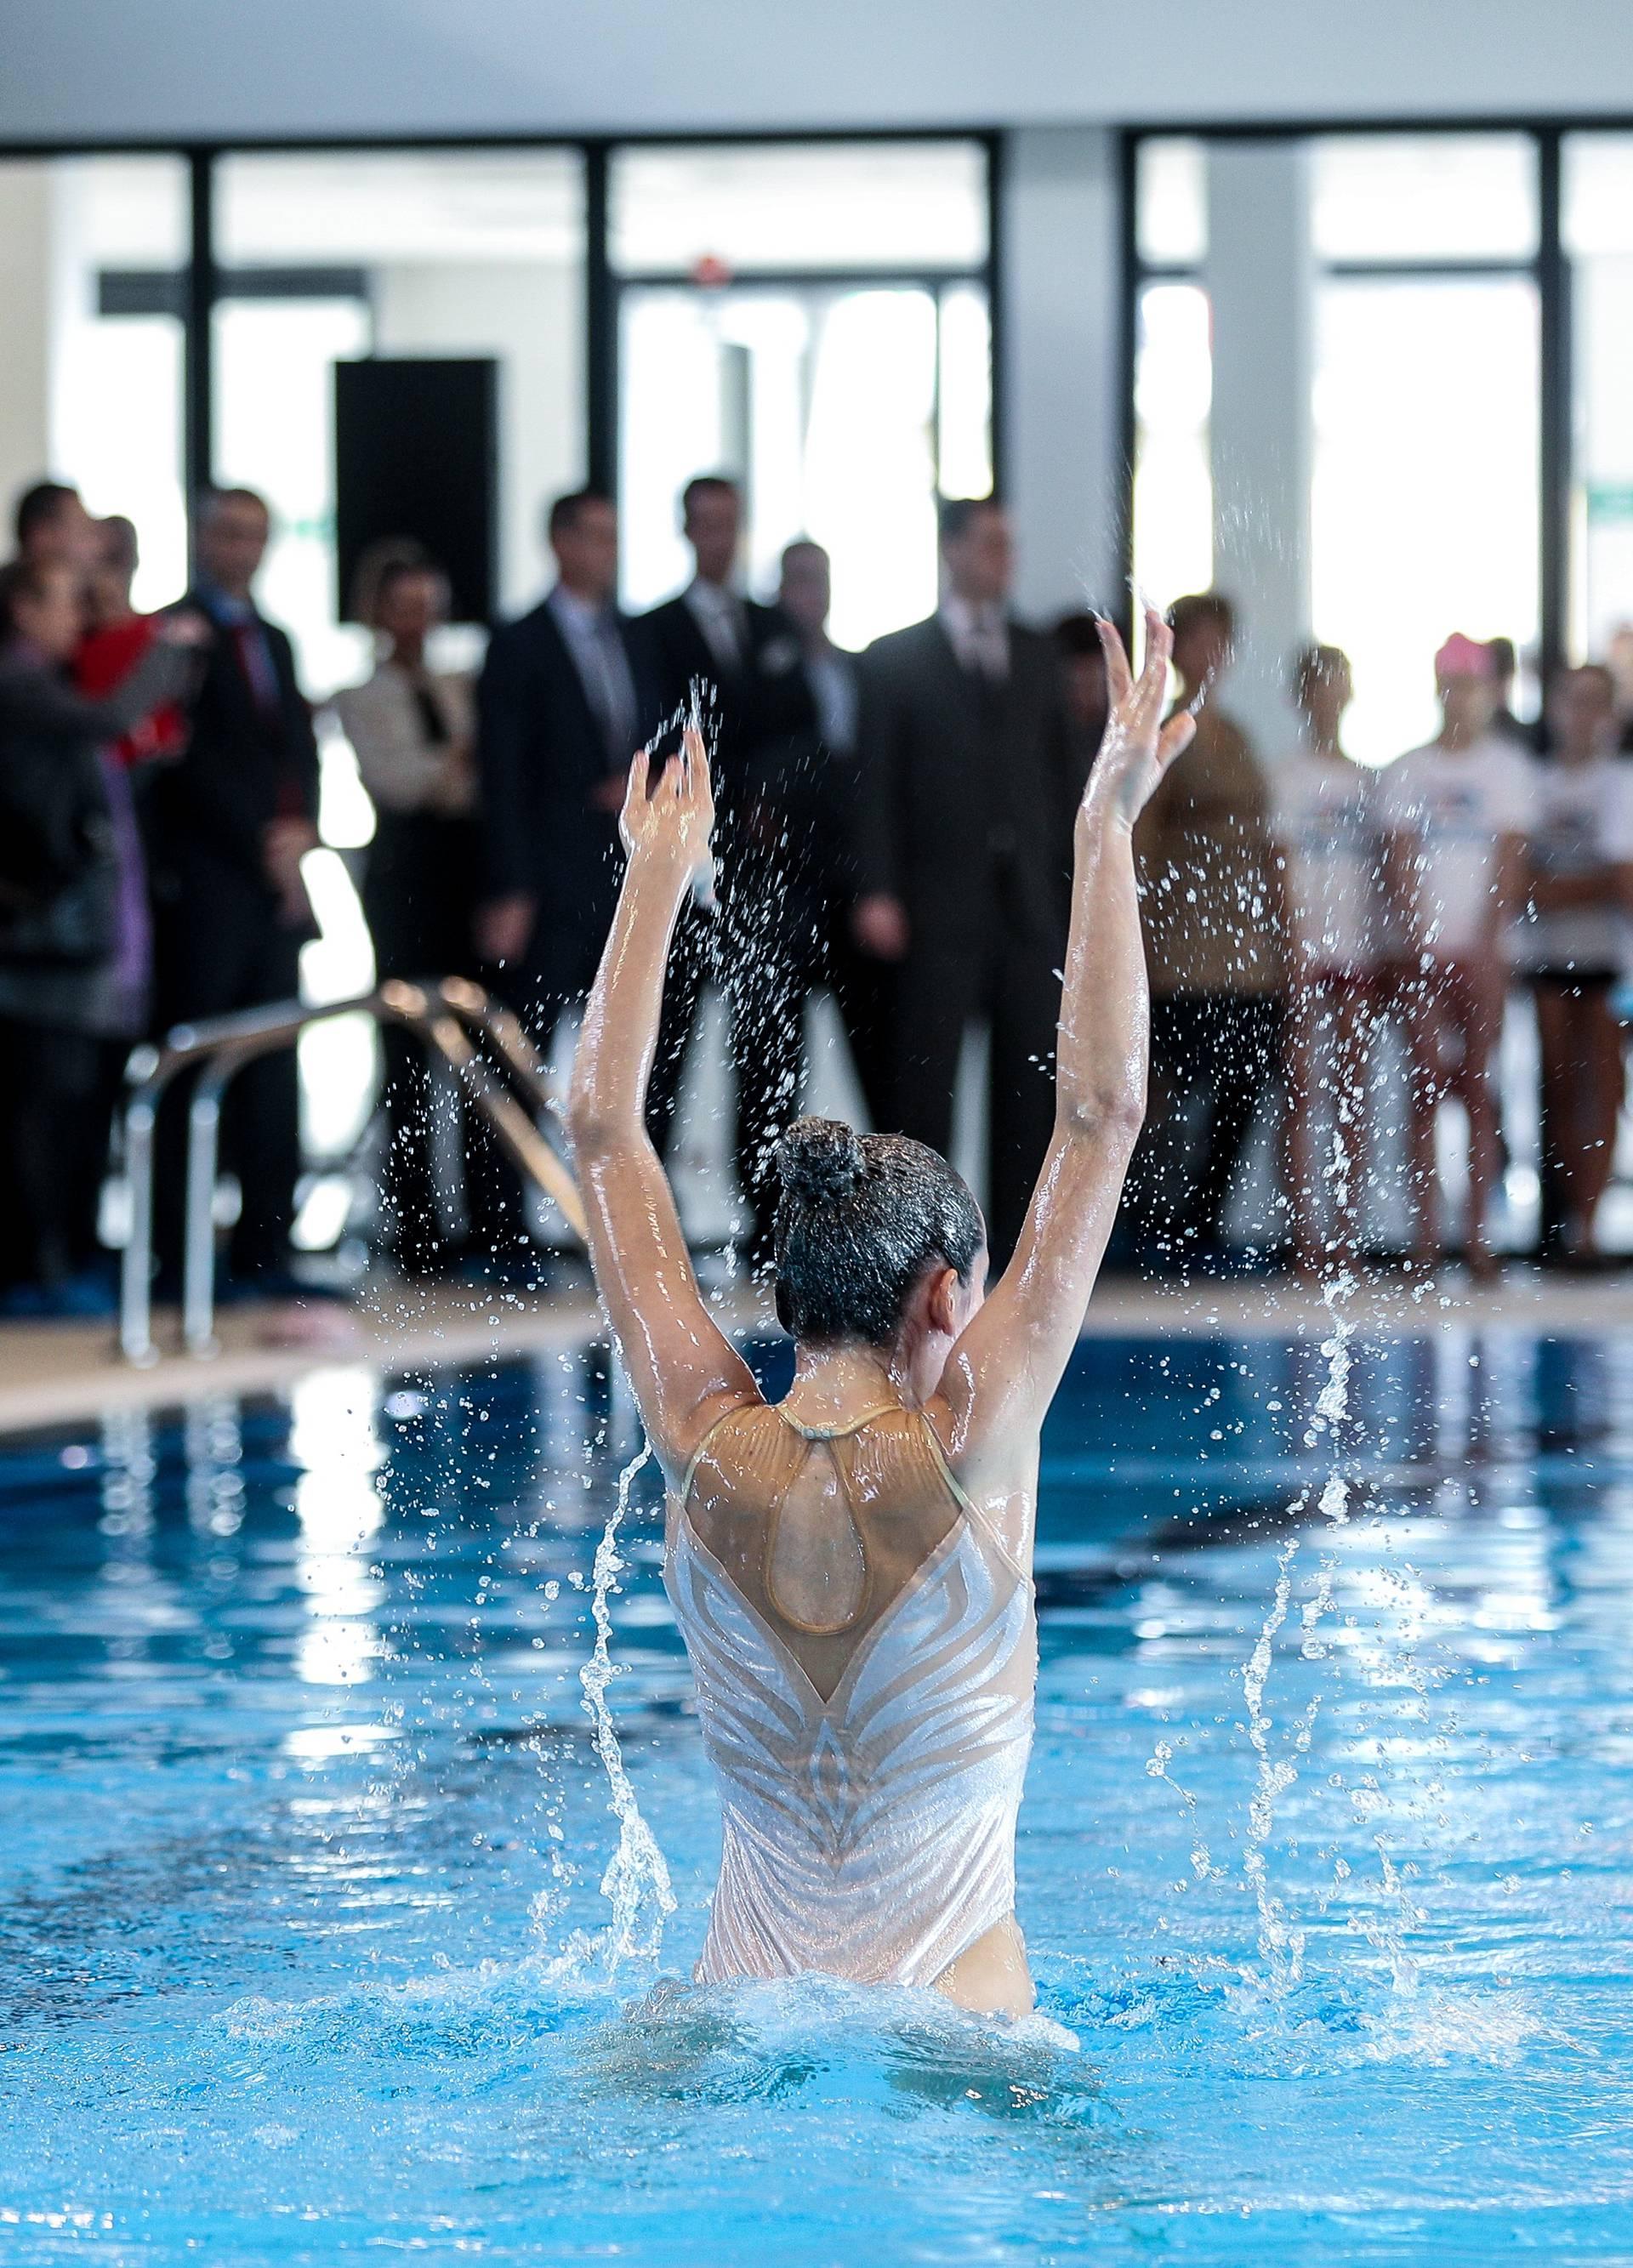 Predsjednica Kolinda Grabar Kitarović nazočila je otvorenju Gradskog bazena Velika Gorica